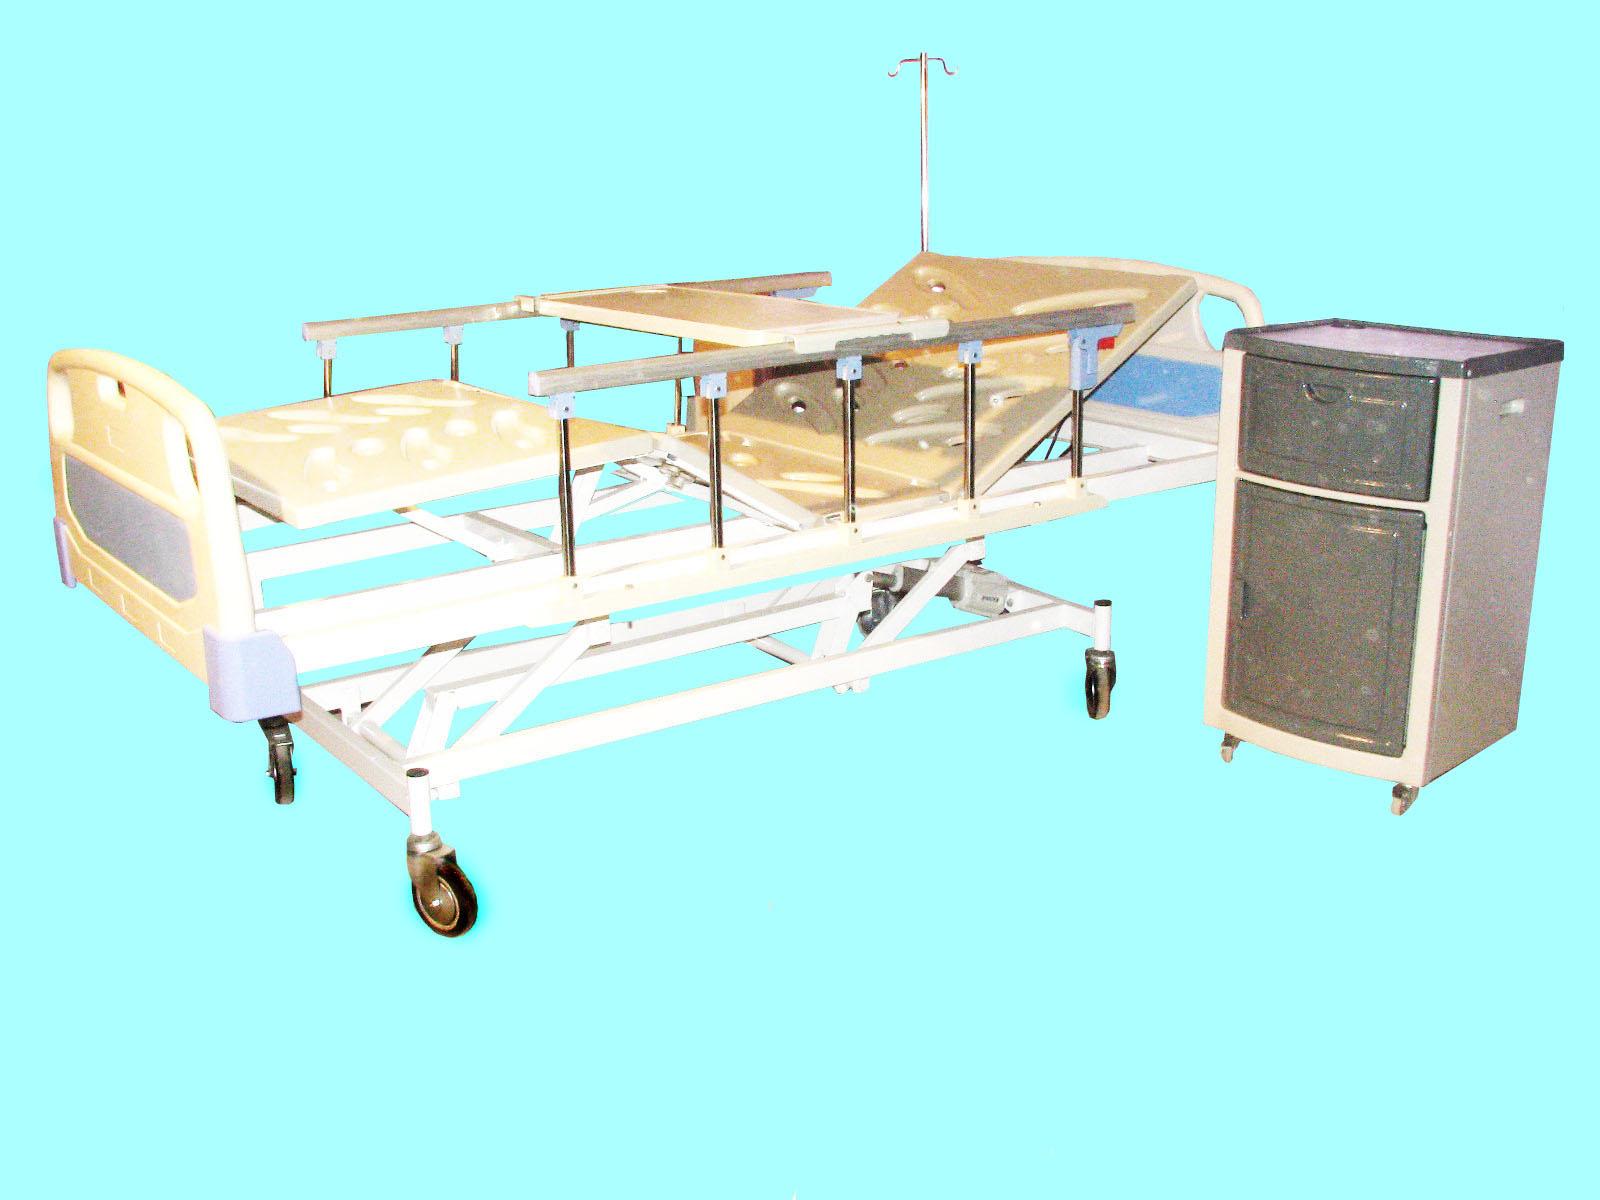 استریل کردن تخت بیمارستانی و تجهیزات بیمارستان